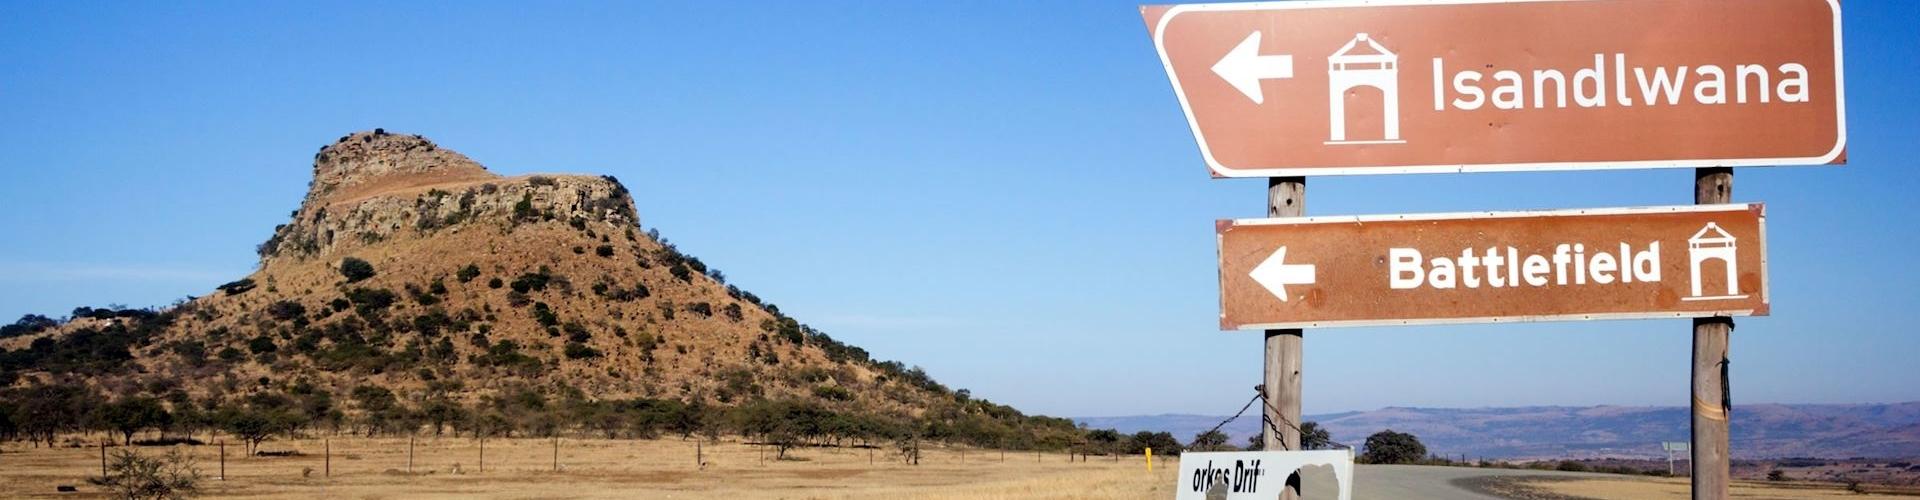 battlefields-zuid-afrika